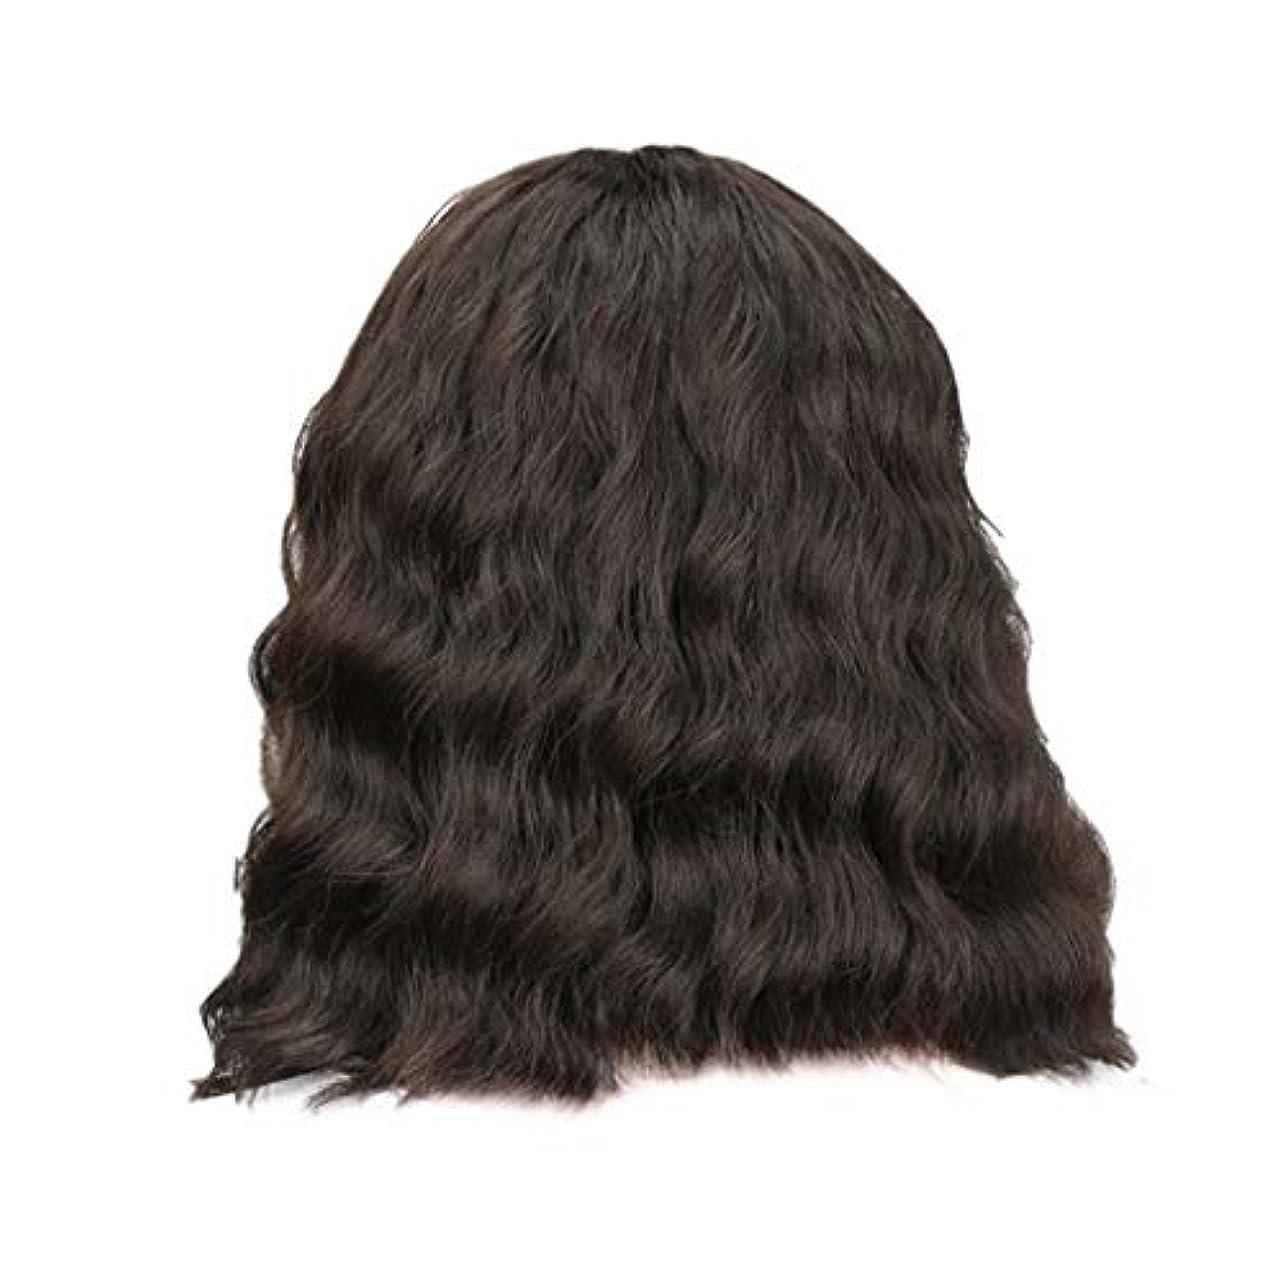 順応性のある口スリット女性の黒の短い巻き毛のかつらボブ波かつらローズネット34 cm